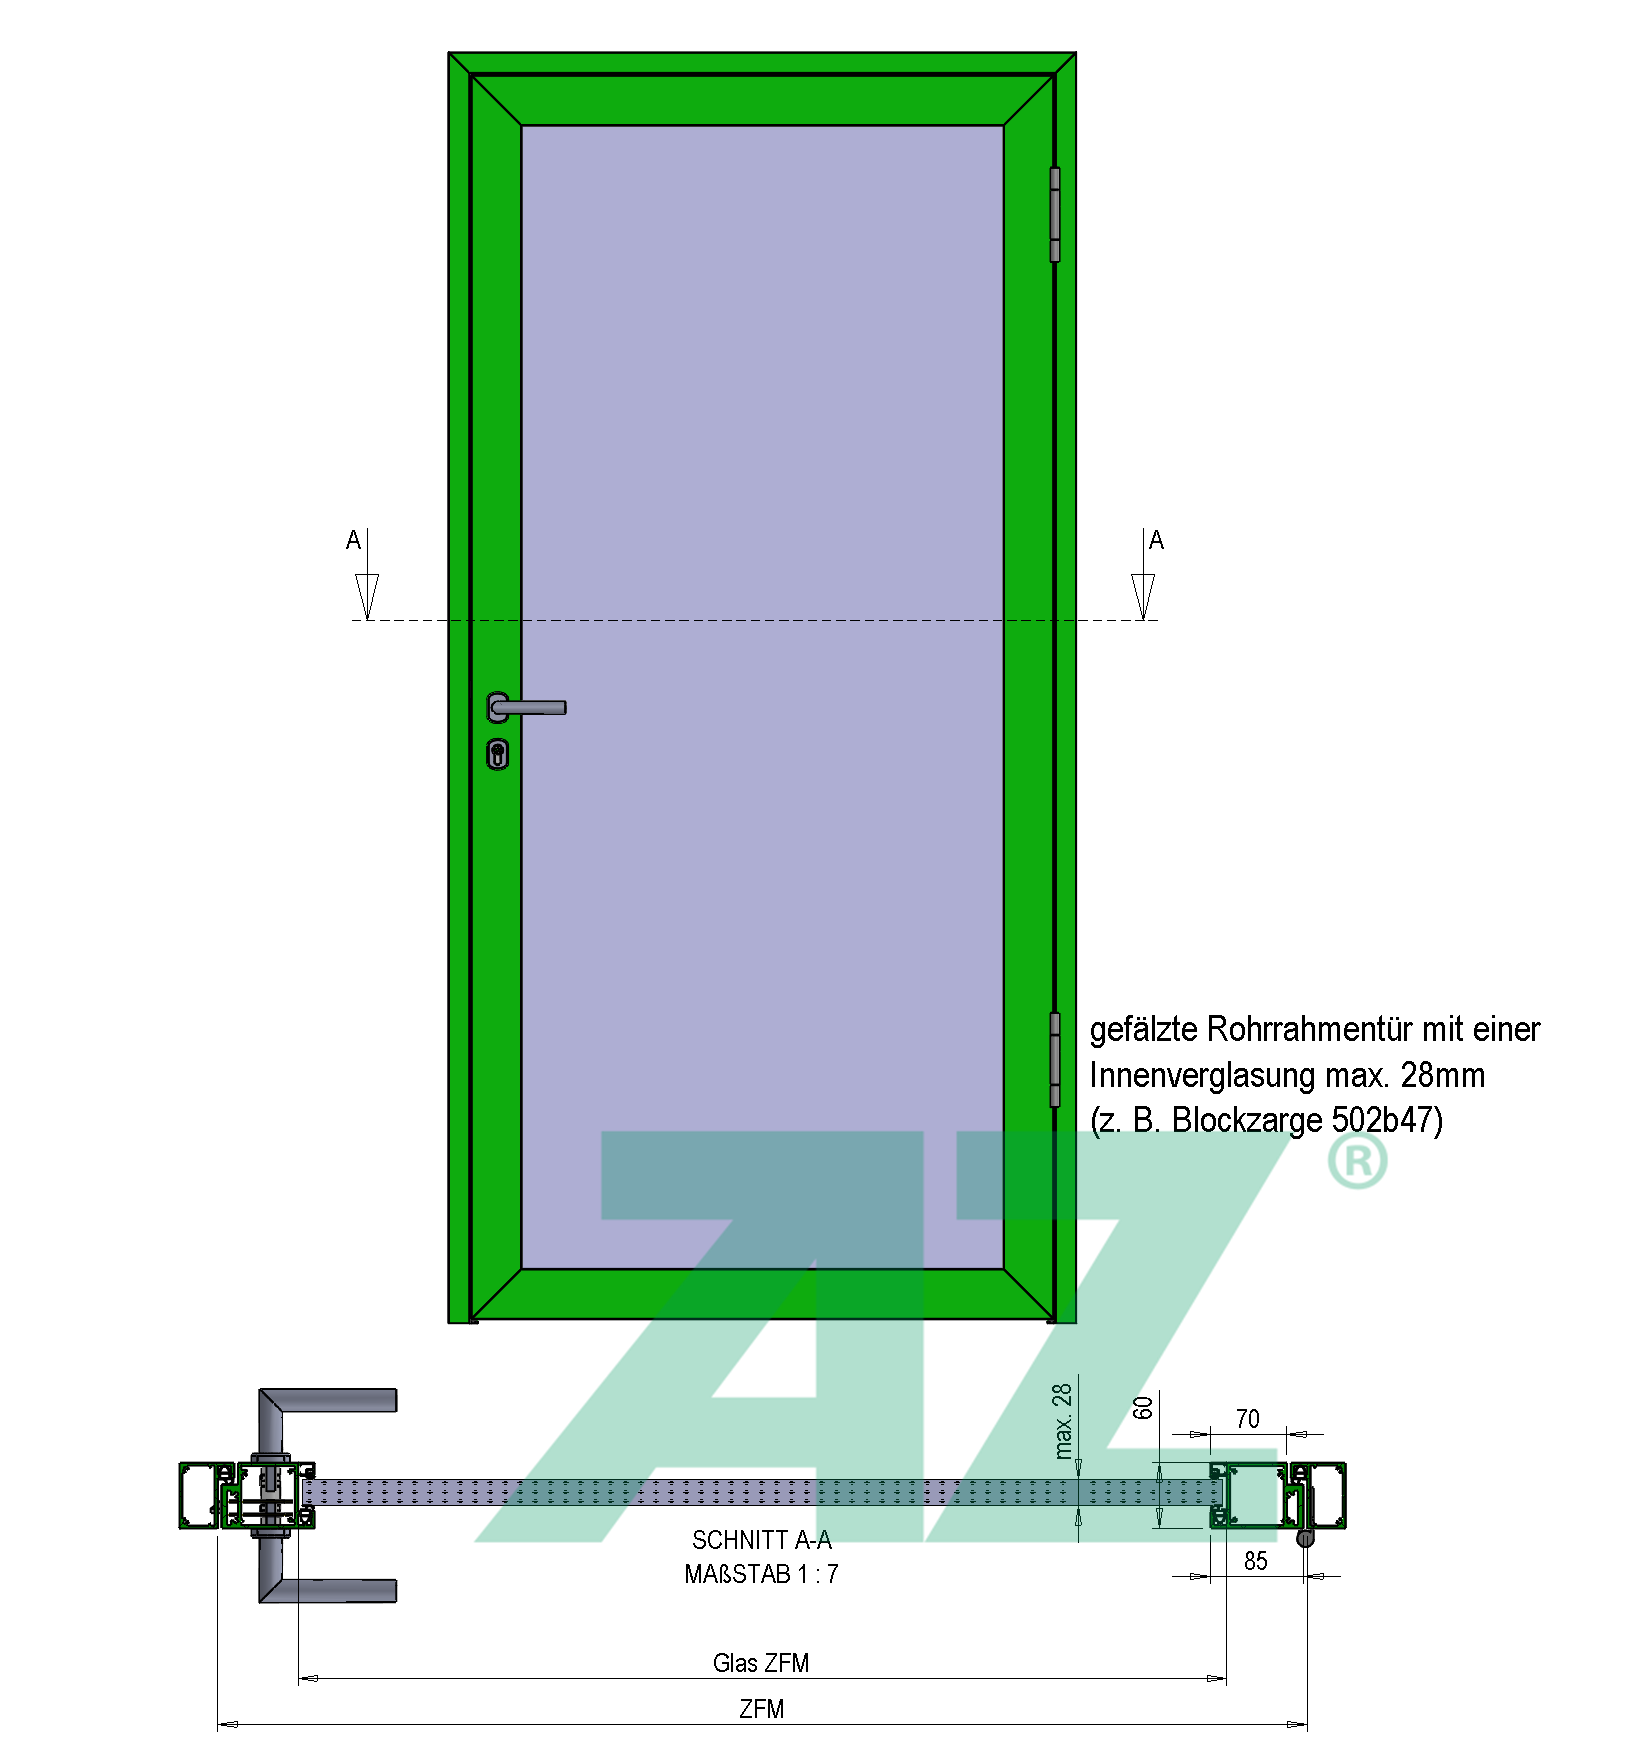 Aufbau RR716b47-TB60